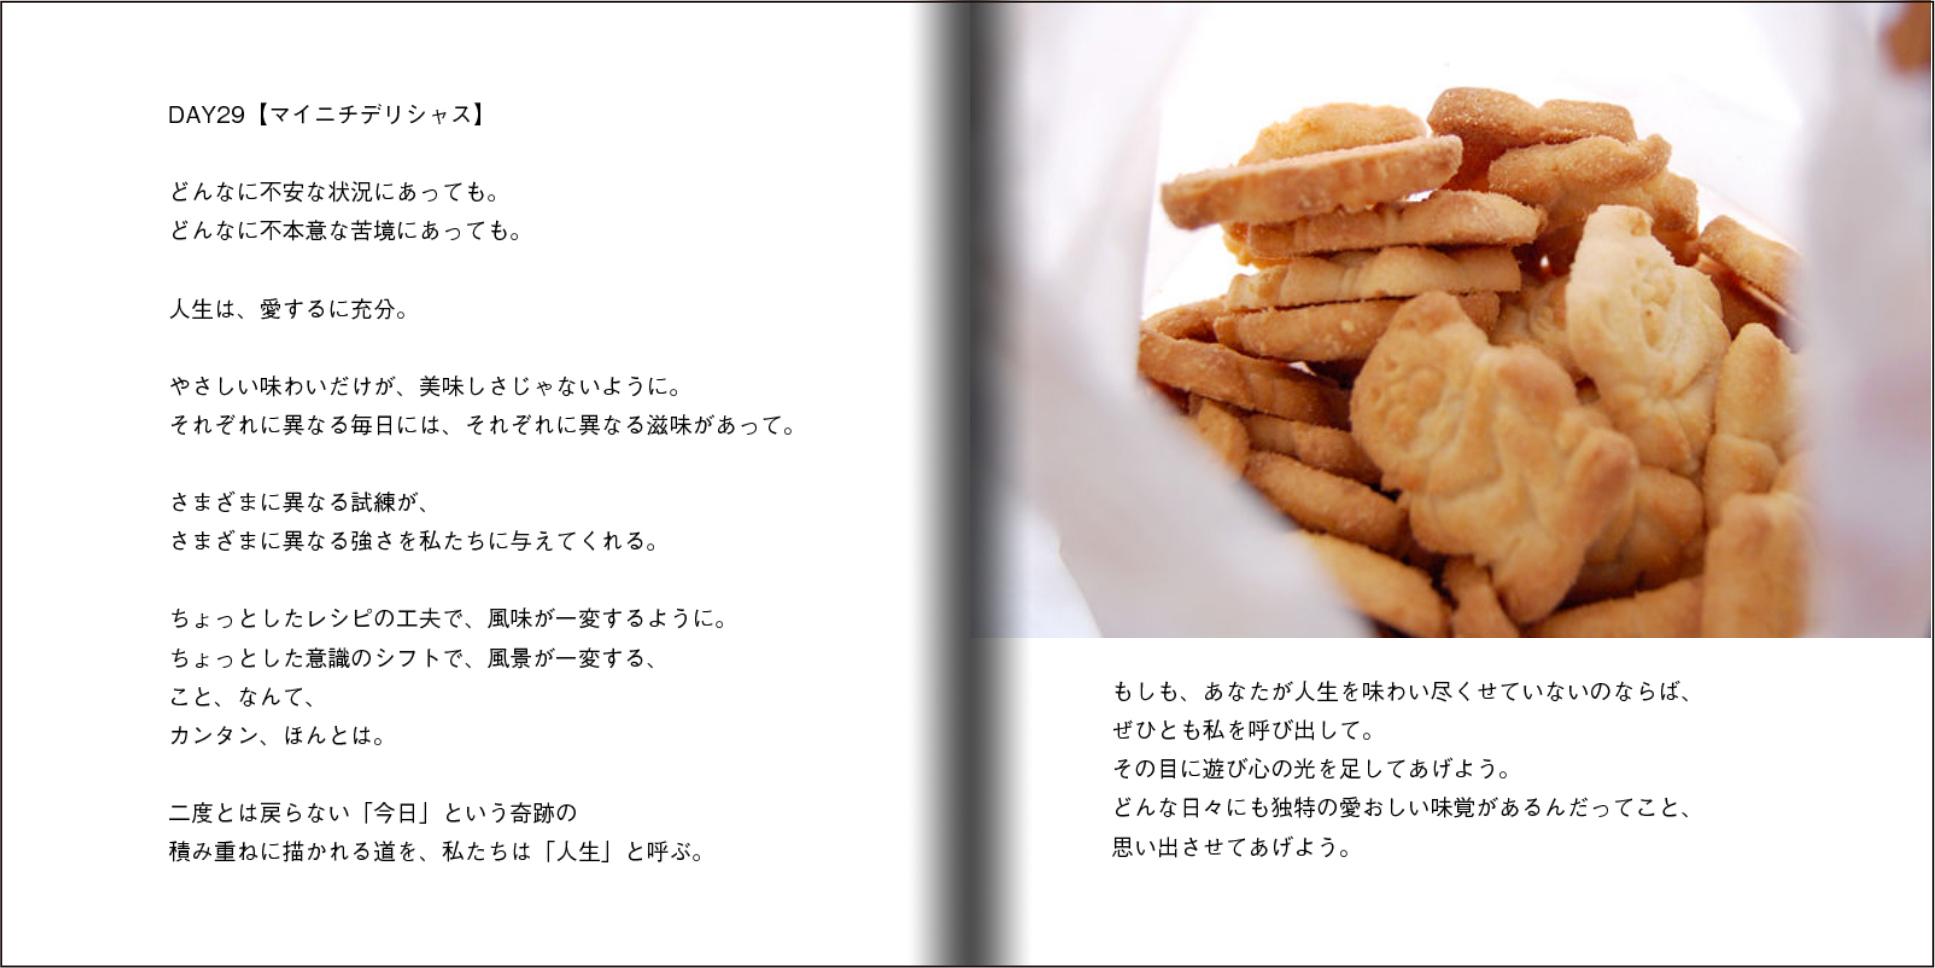 【オーダー承り〼】写真とことばの本『あなたの物語をはじめる』Maki SAEGUSA_d0018646_20463432.jpg